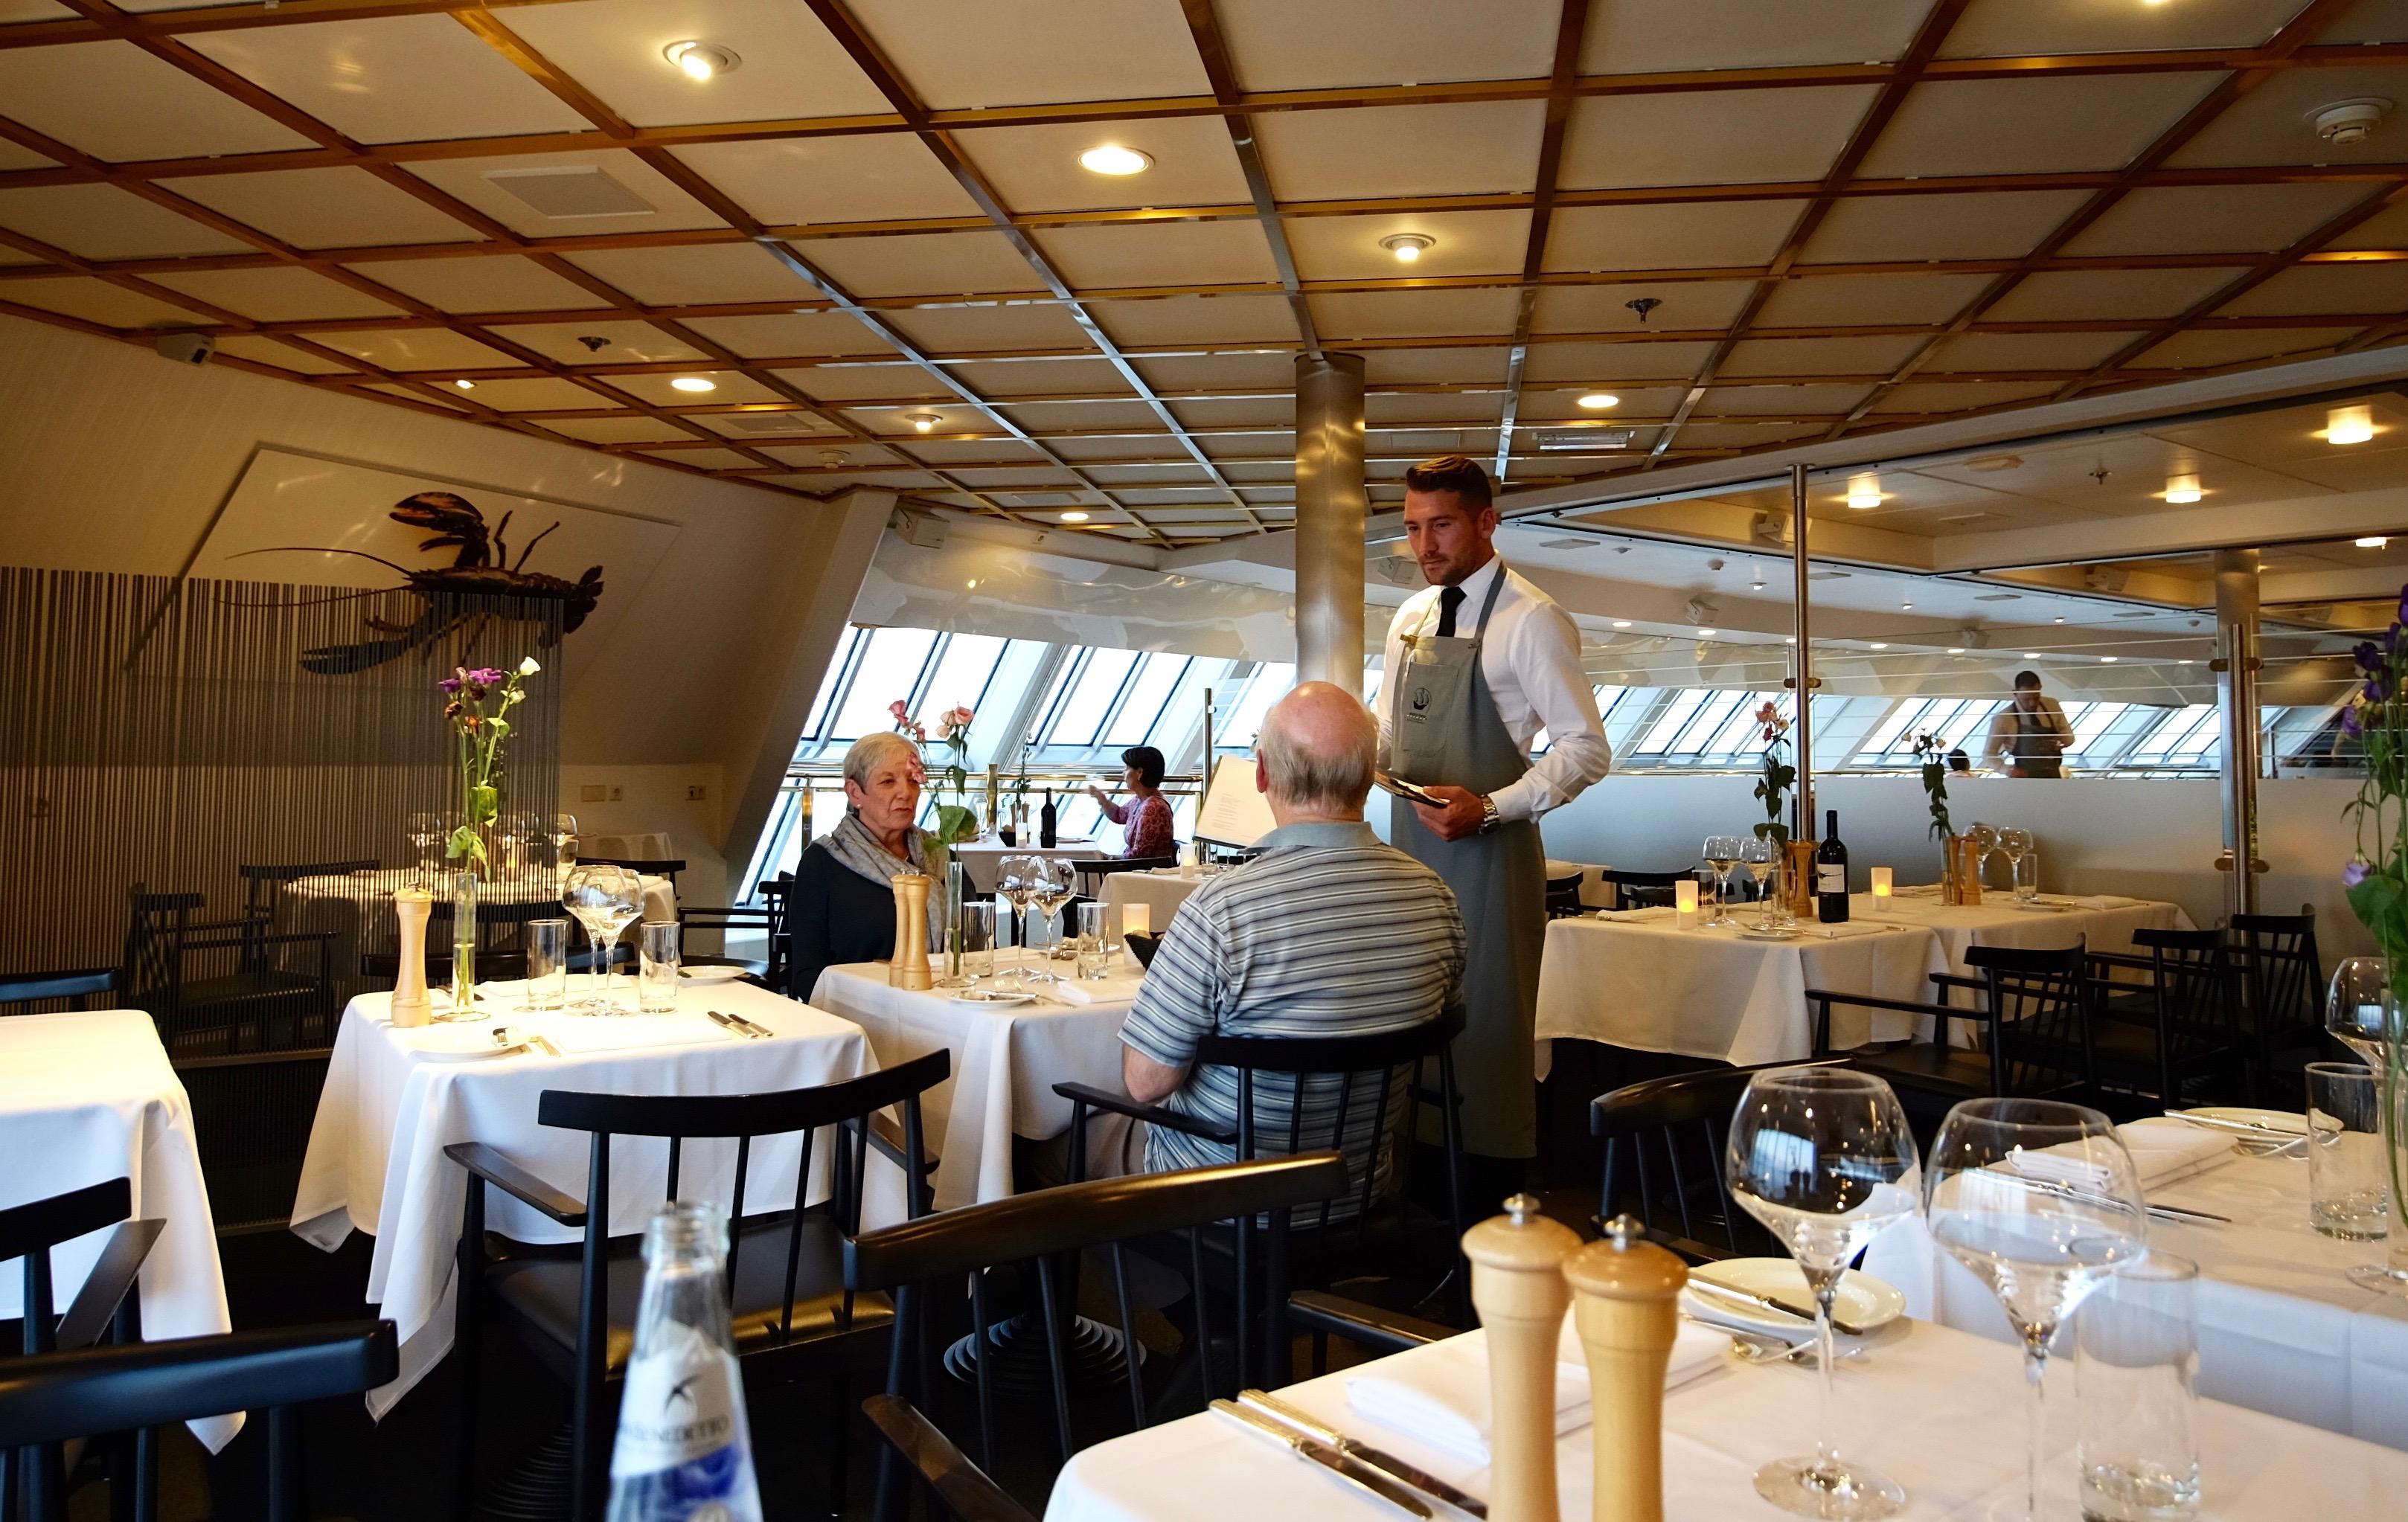 Lukas veileder gjestene i restauranten